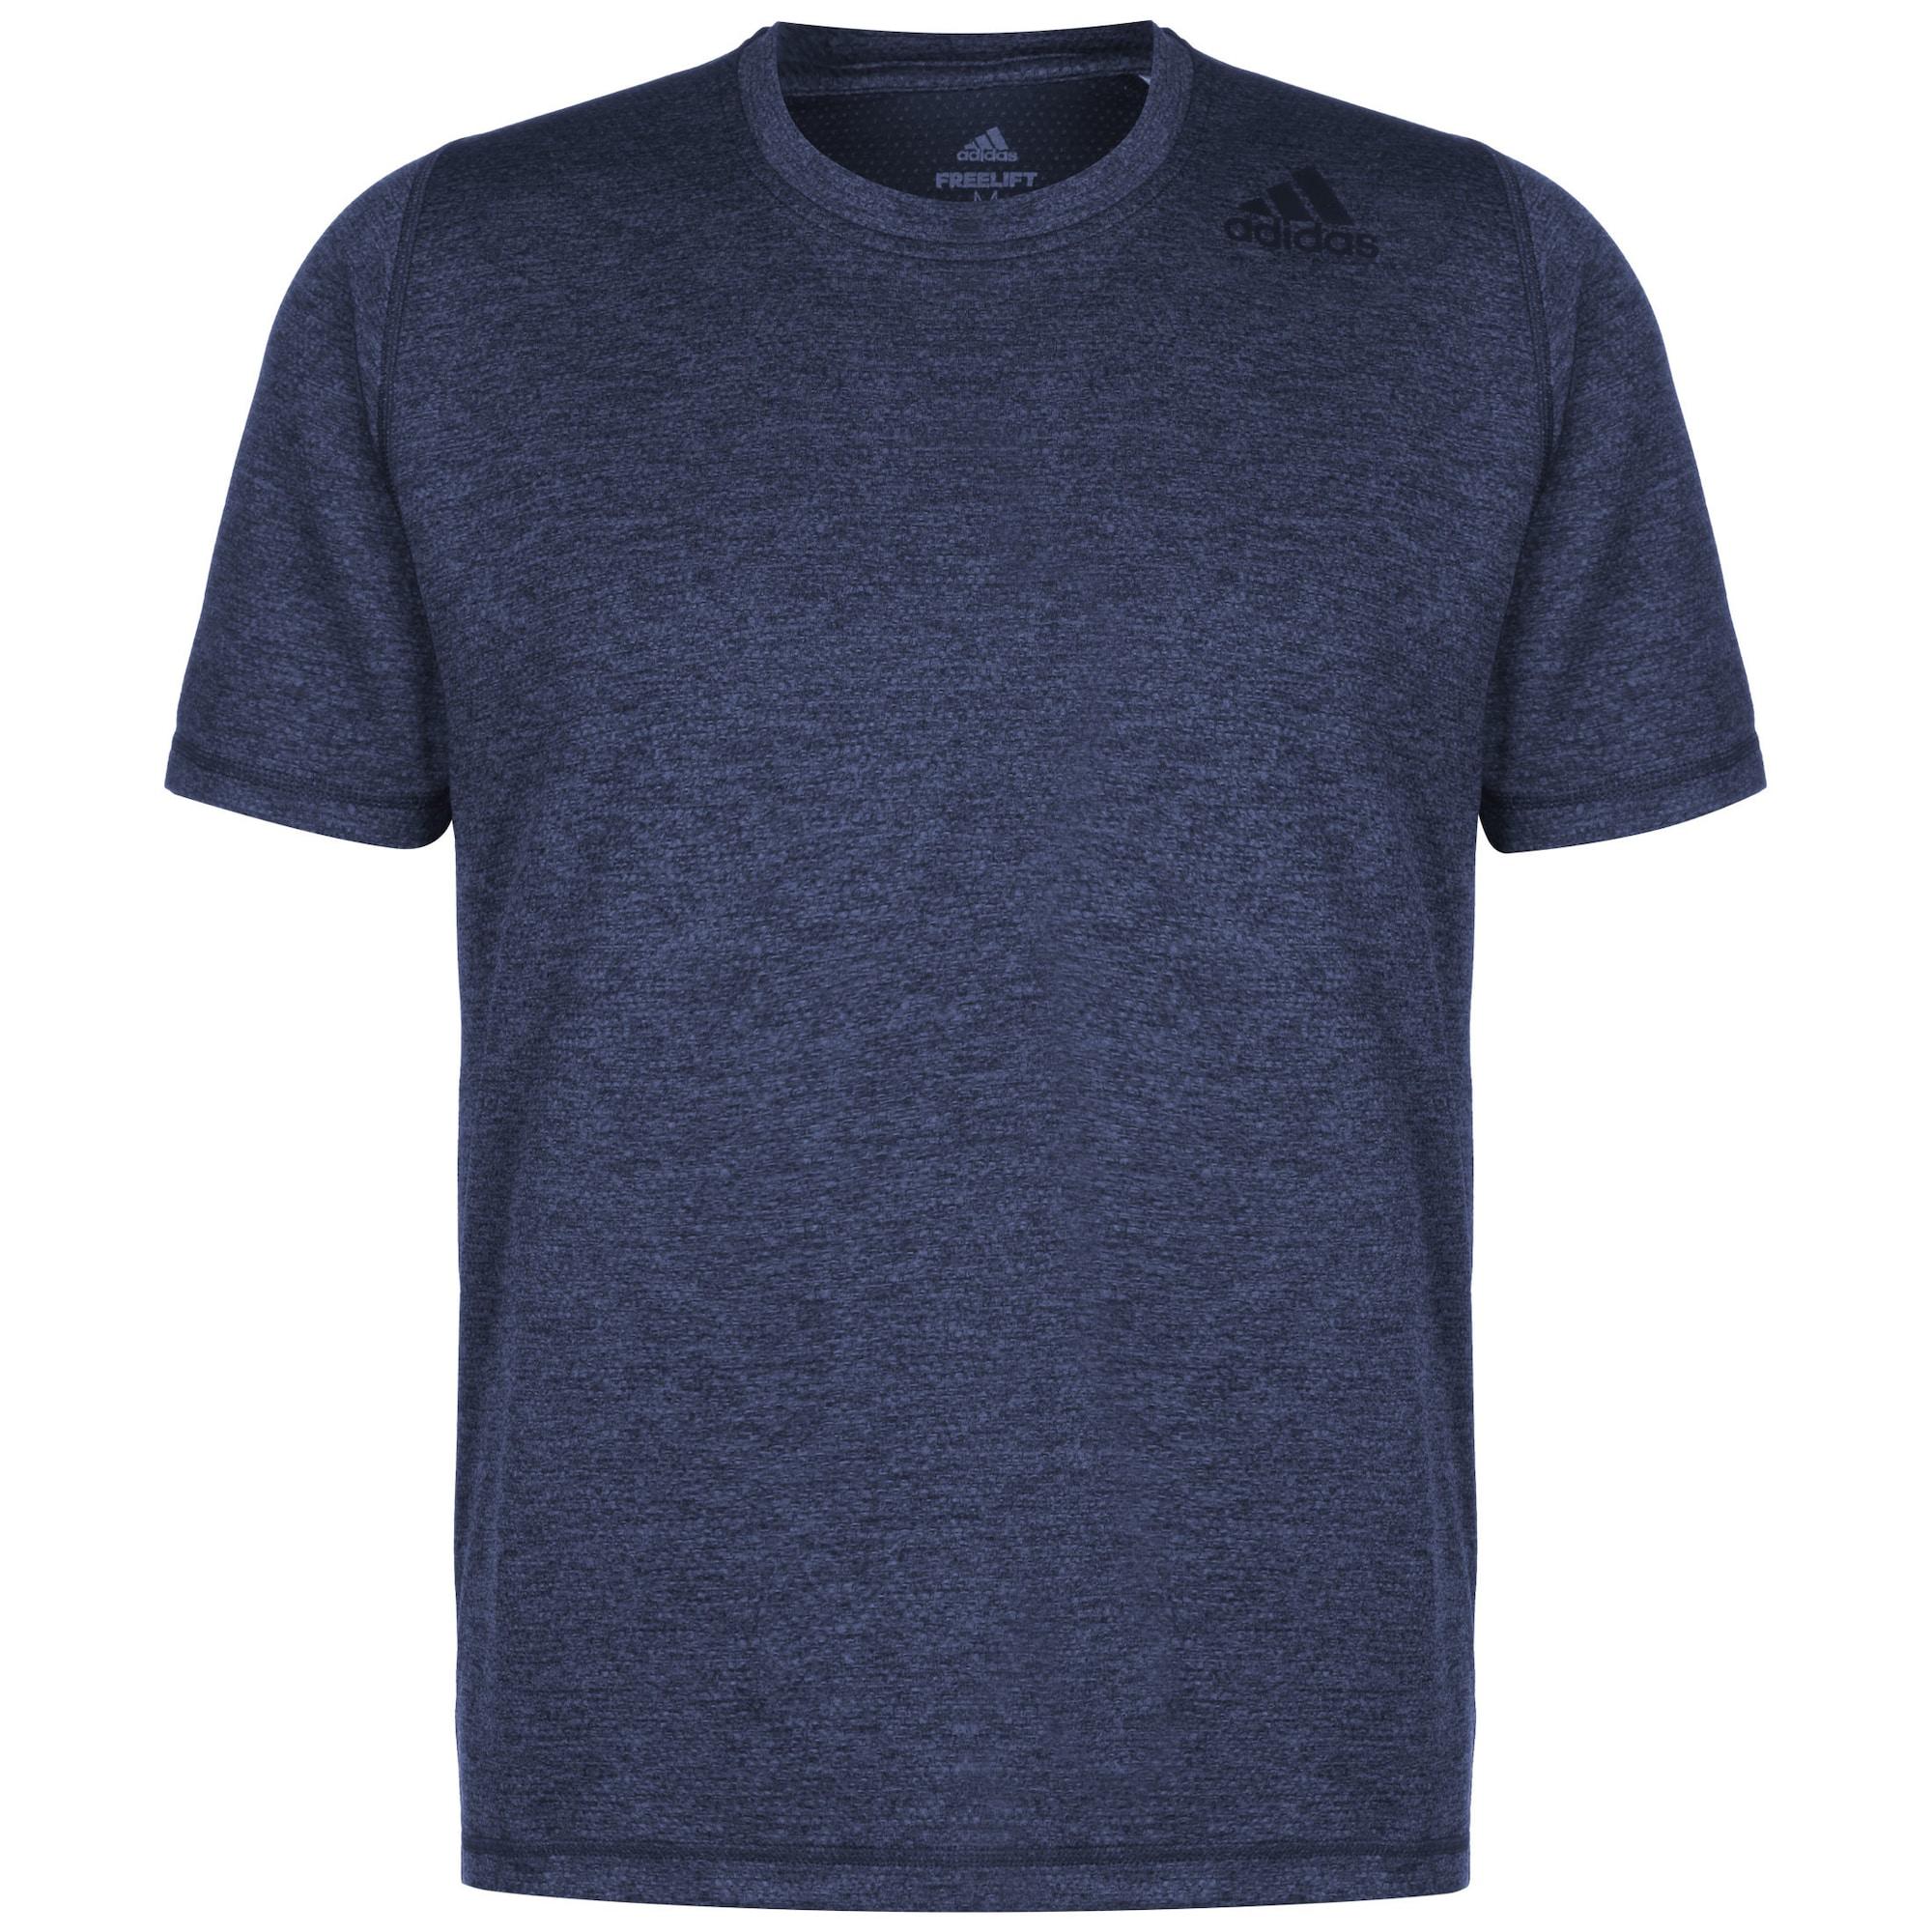 ADIDAS PERFORMANCE Sportiniai marškinėliai 'FL TRG TEE' mėlyna